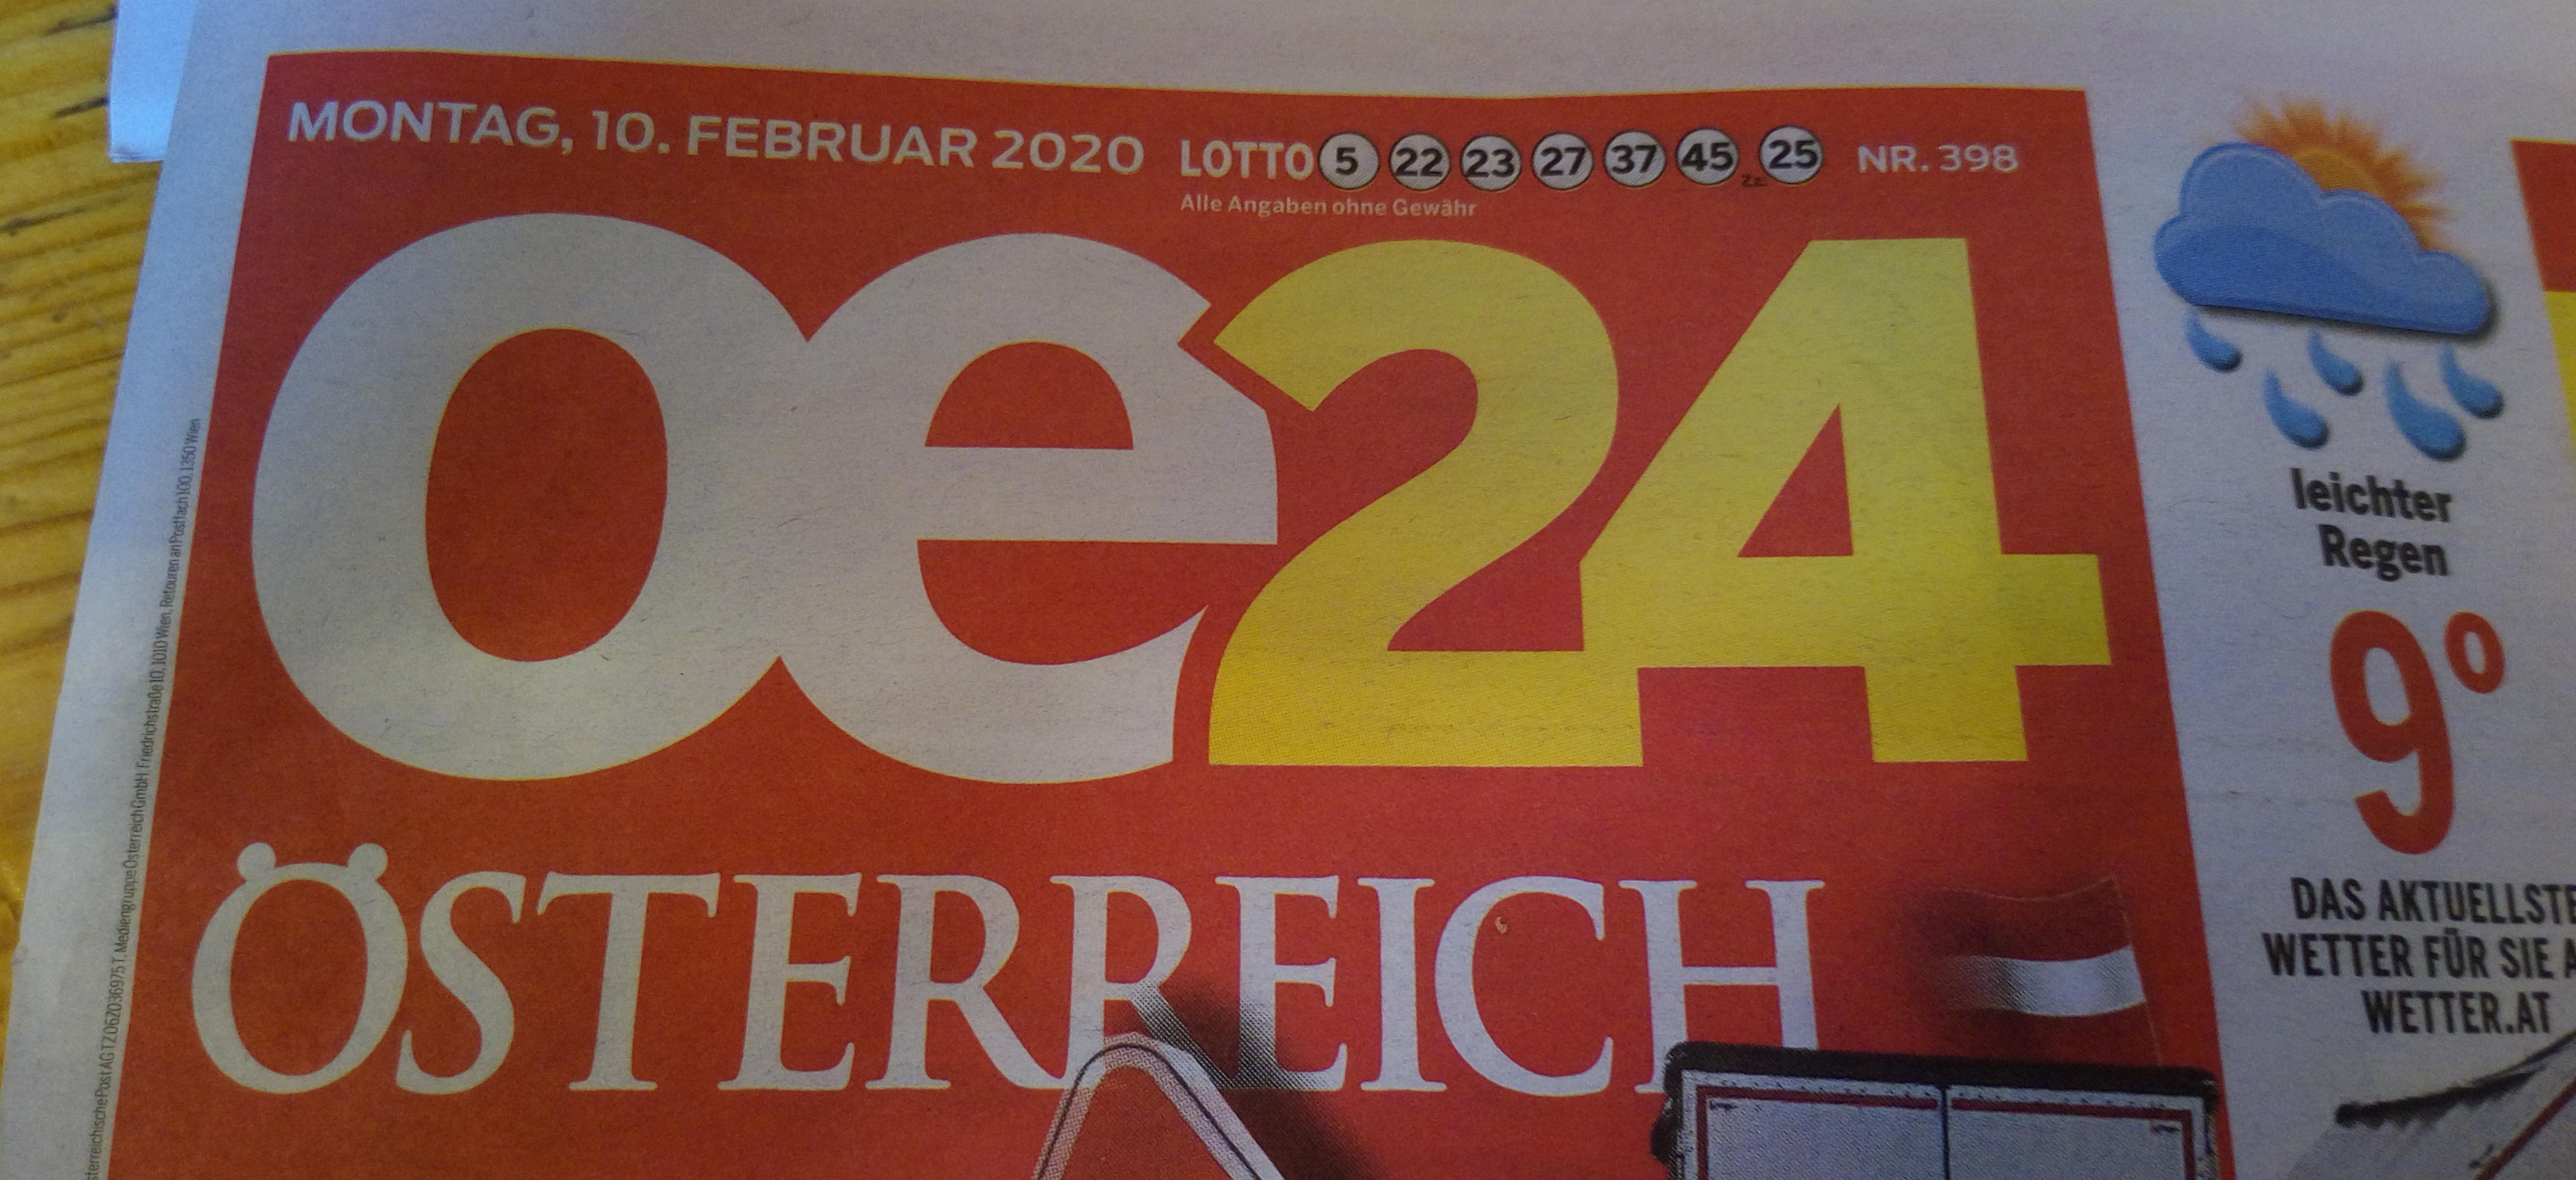 """Ein Teil eines """"Österreich""""-Covers, der das zugehörige Logo zeigt."""